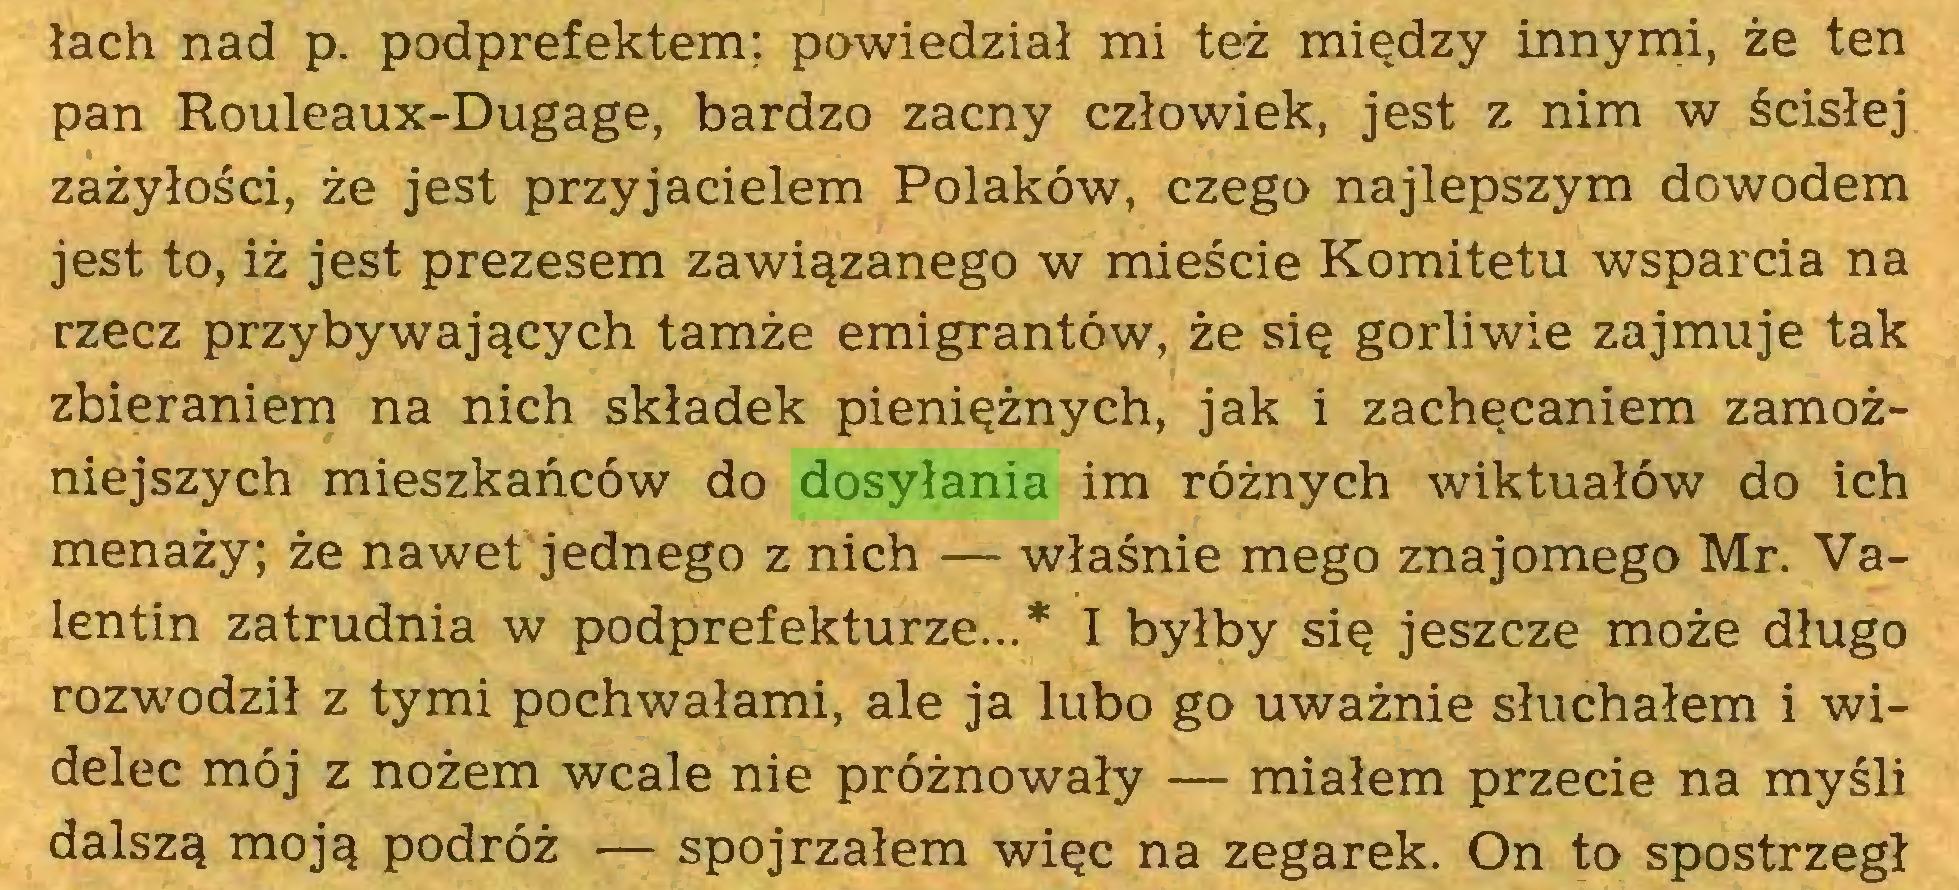 (...) łach nad p. podprefektem; powiedział mi też między innymi, że ten pan Rouleaux-Dugage, bardzo zacny człowiek, jest z nim w ścisłej zażyłości, że jest przyjacielem Polaków, czego najlepszym dowodem jest to, iż jest prezesem zawiązanego w mieście Komitetu wsparcia na rzecz przybywających tamże emigrantów, że się gorliwie zajmuje tak zbieraniem na nich składek pieniężnych, jak i zachęcaniem zamożniejszych mieszkańców do dosyłania im różnych wiktuałów do ich menaży; że nawet jednego z nich — właśnie mego znajomego Mr. Valentin zatrudnia w podprefekturze...* I byłby się jeszcze może długo rozwodził z tymi pochwałami, ale ja lubo go uważnie słuchałem i widelec mój z nożem wcale nie próżnowały — miałem przecie na myśli dalszą moją podróż — spojrzałem więc na zegarek. On to spostrzegł...